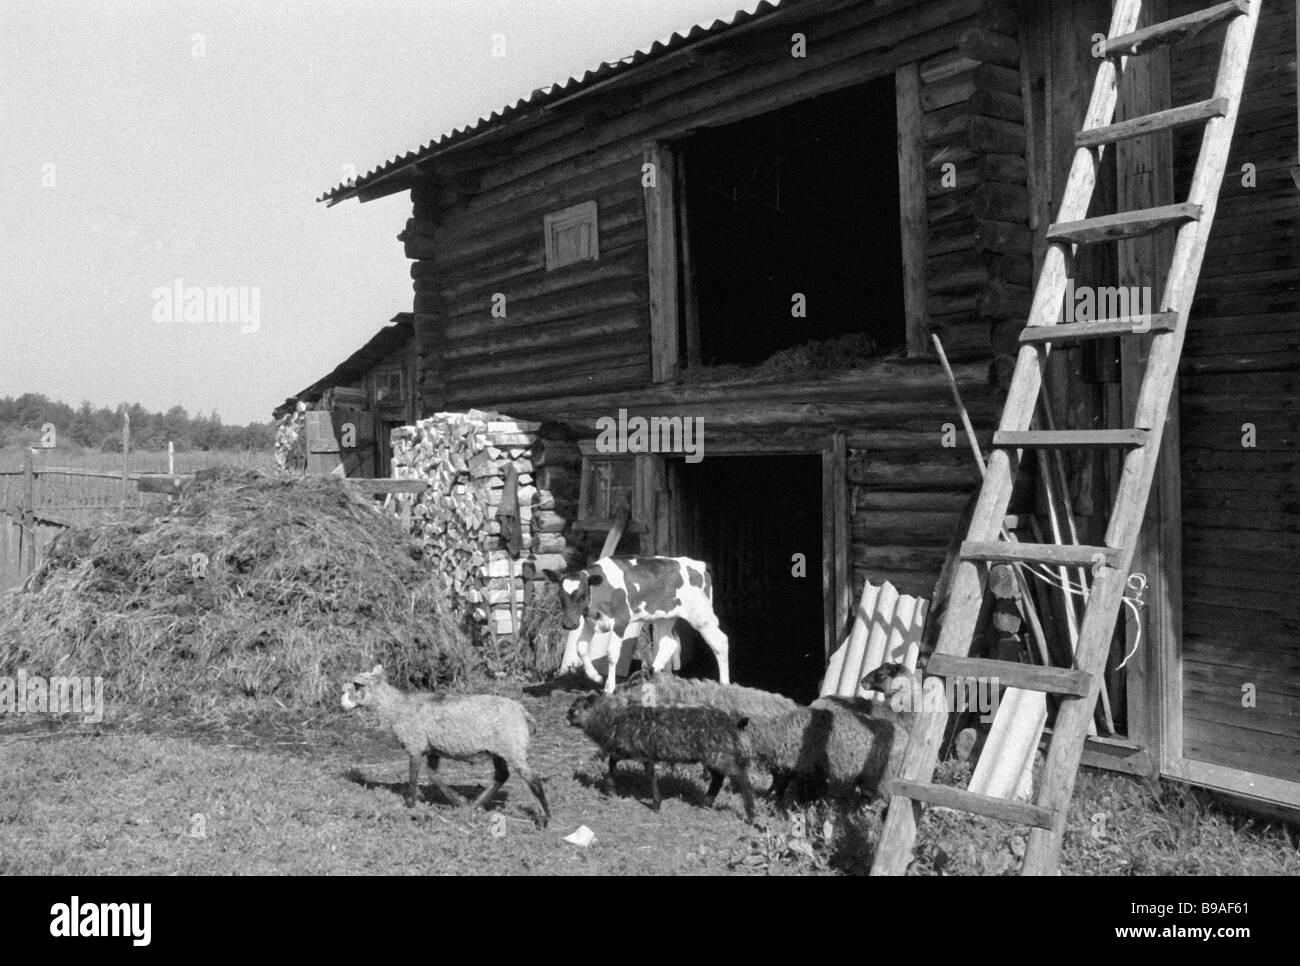 A Karelian homestead - Stock Image